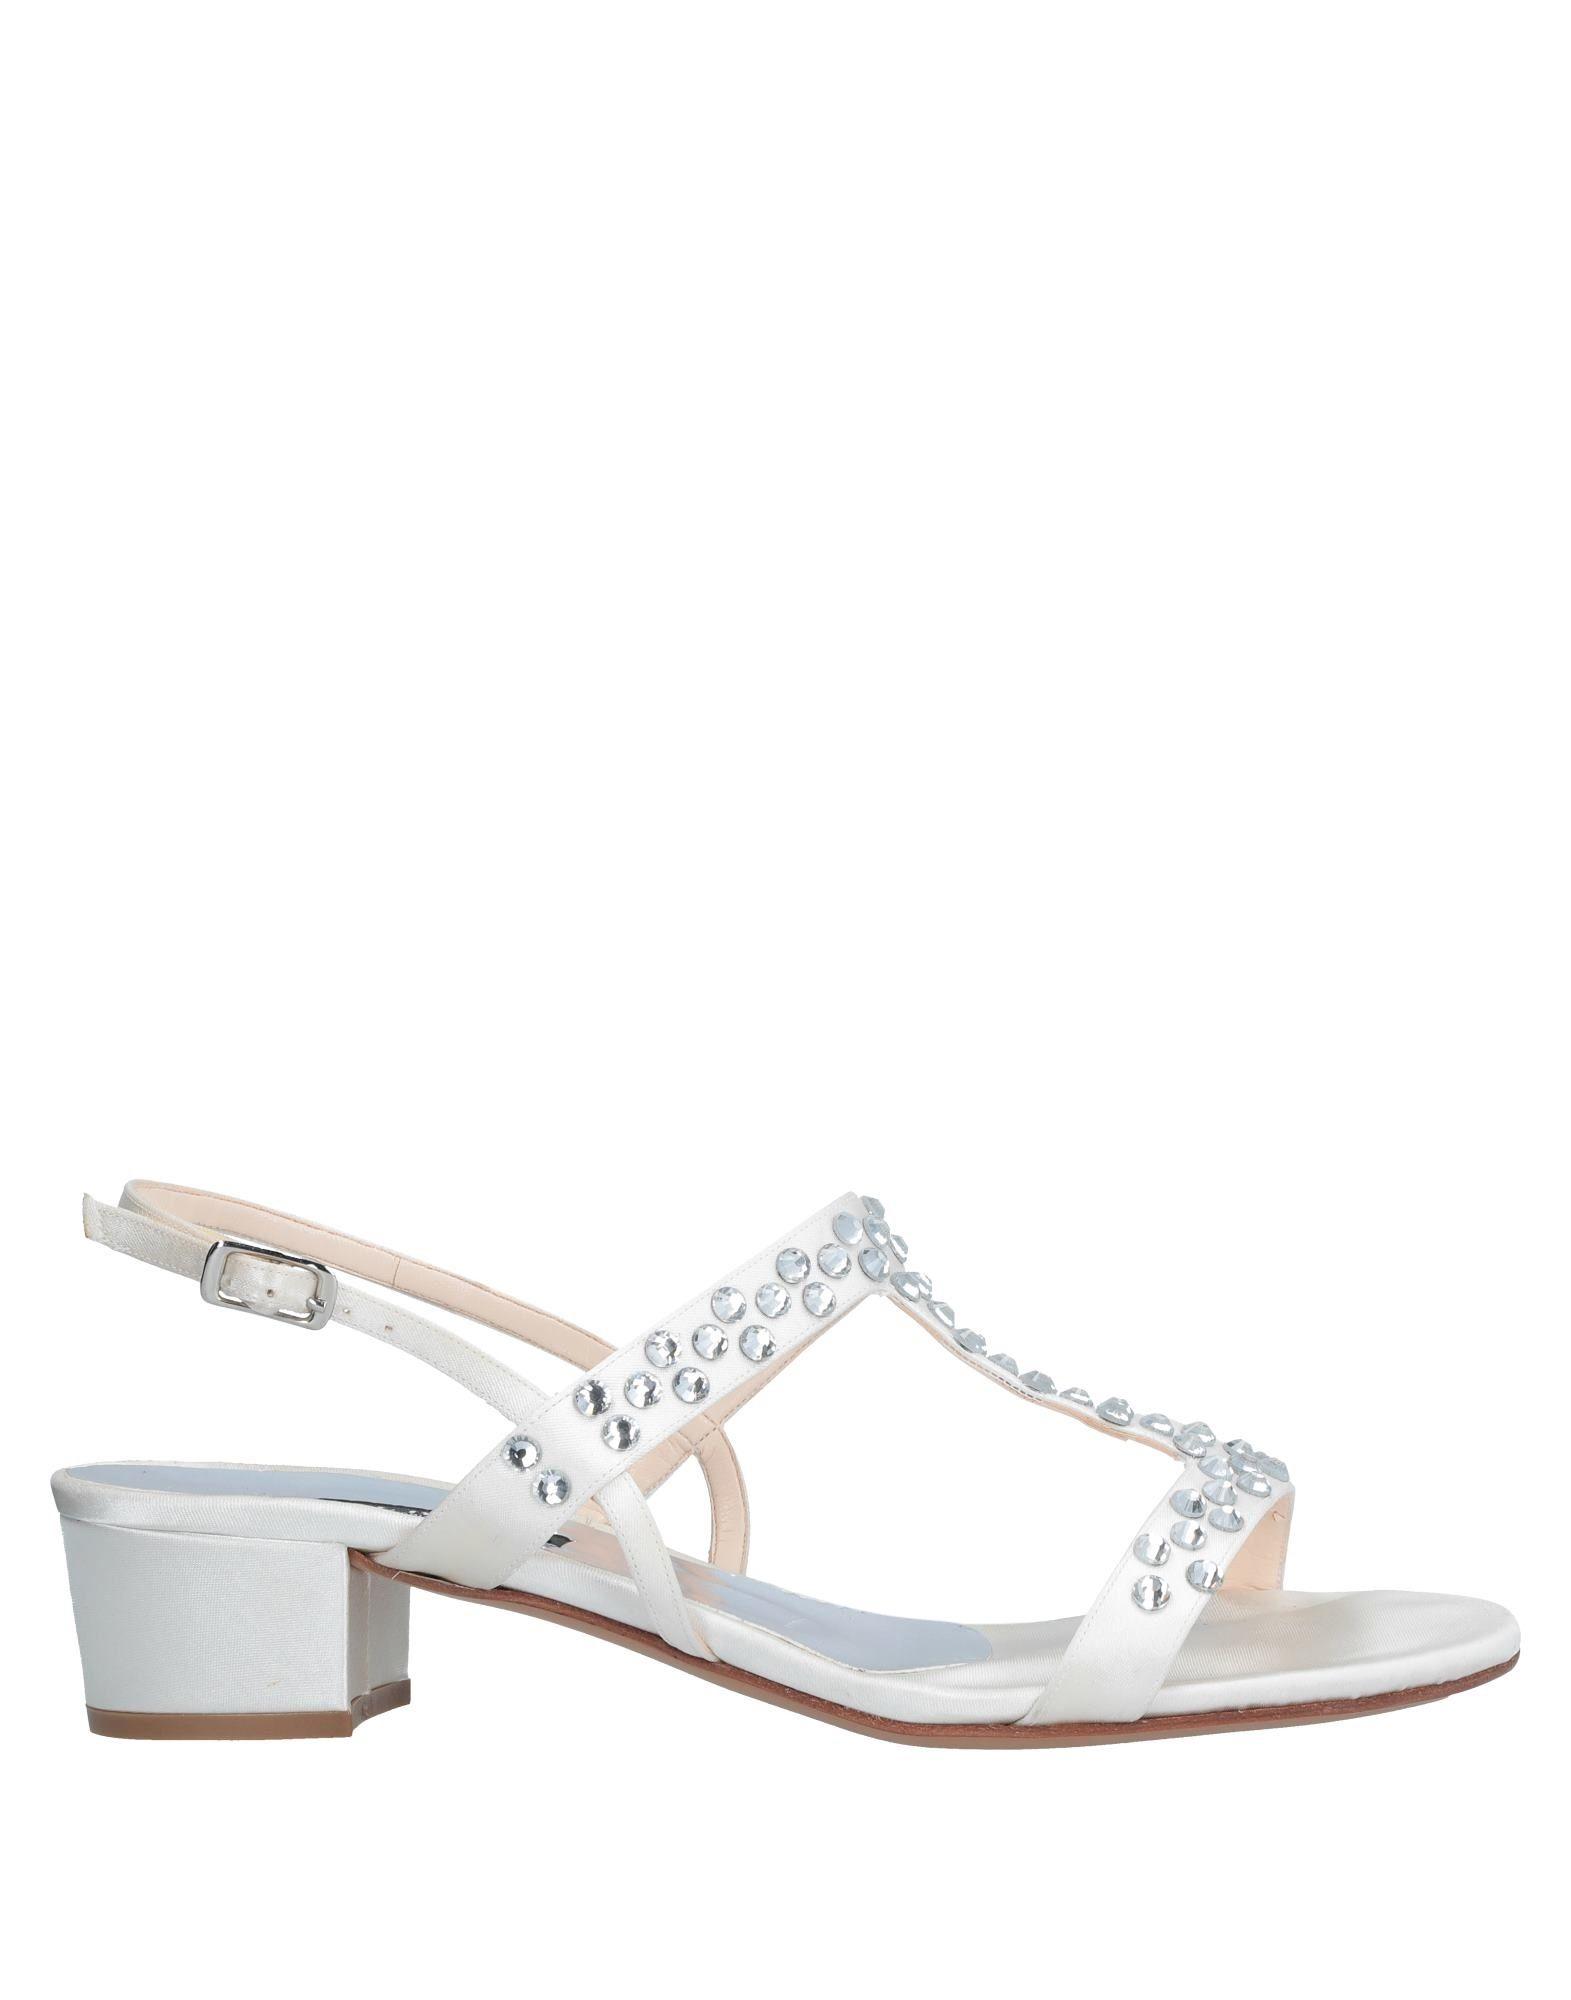 Albano Sandalen Qualität Damen  11537650PG Gute Qualität Sandalen beliebte Schuhe 31c997